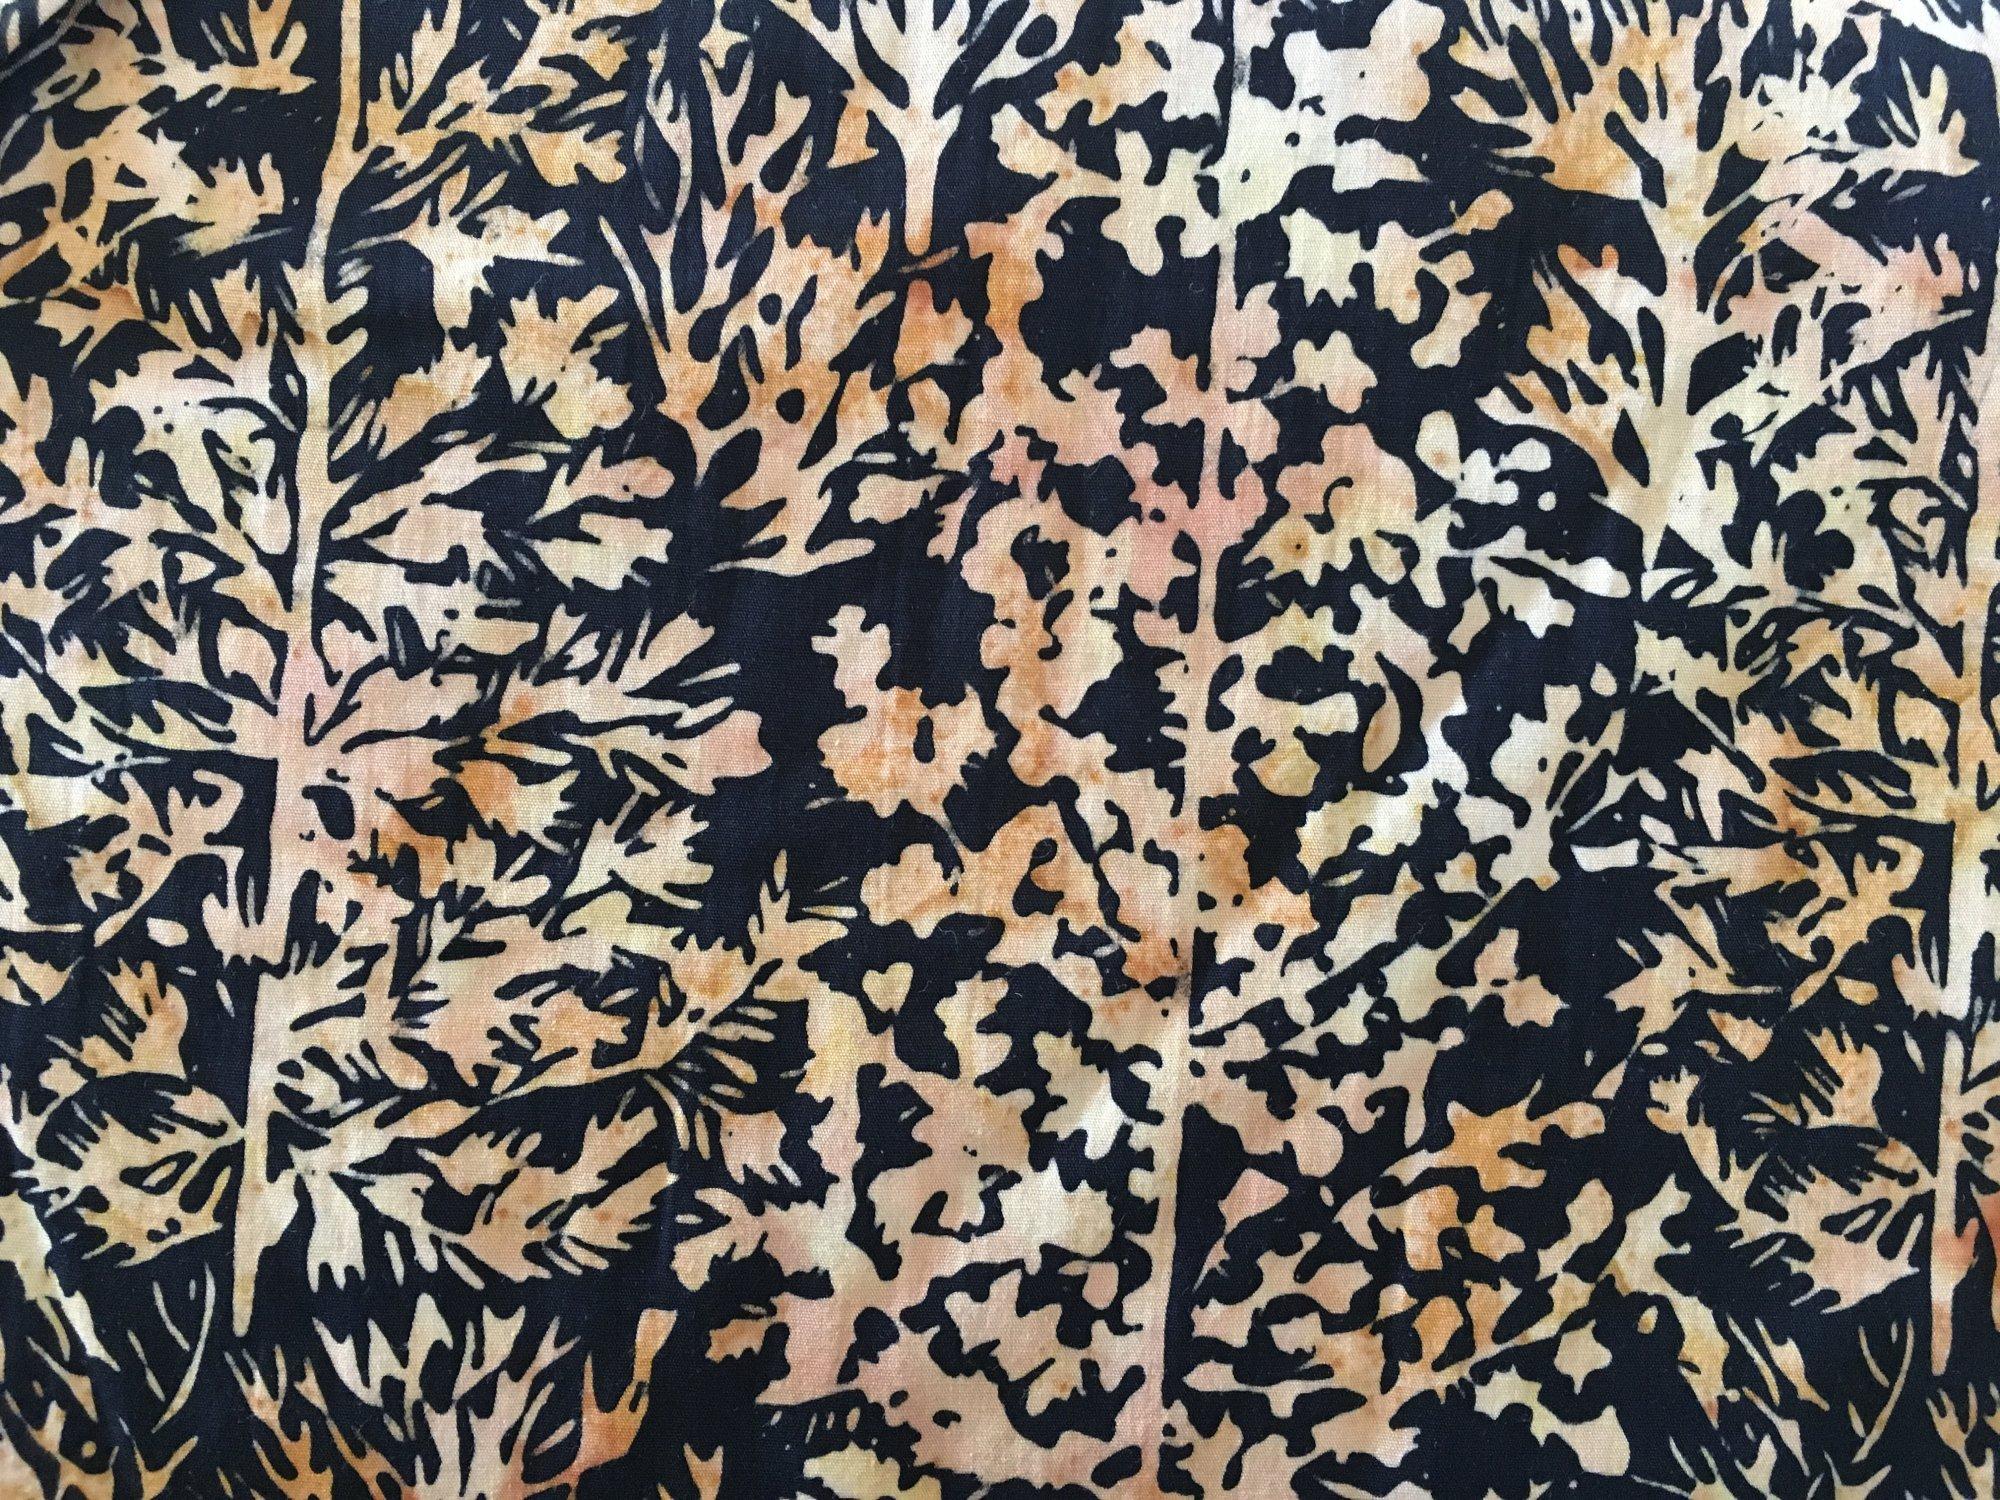 BATIK CREAM/BLACK TREES HS14CC1 Island Batik